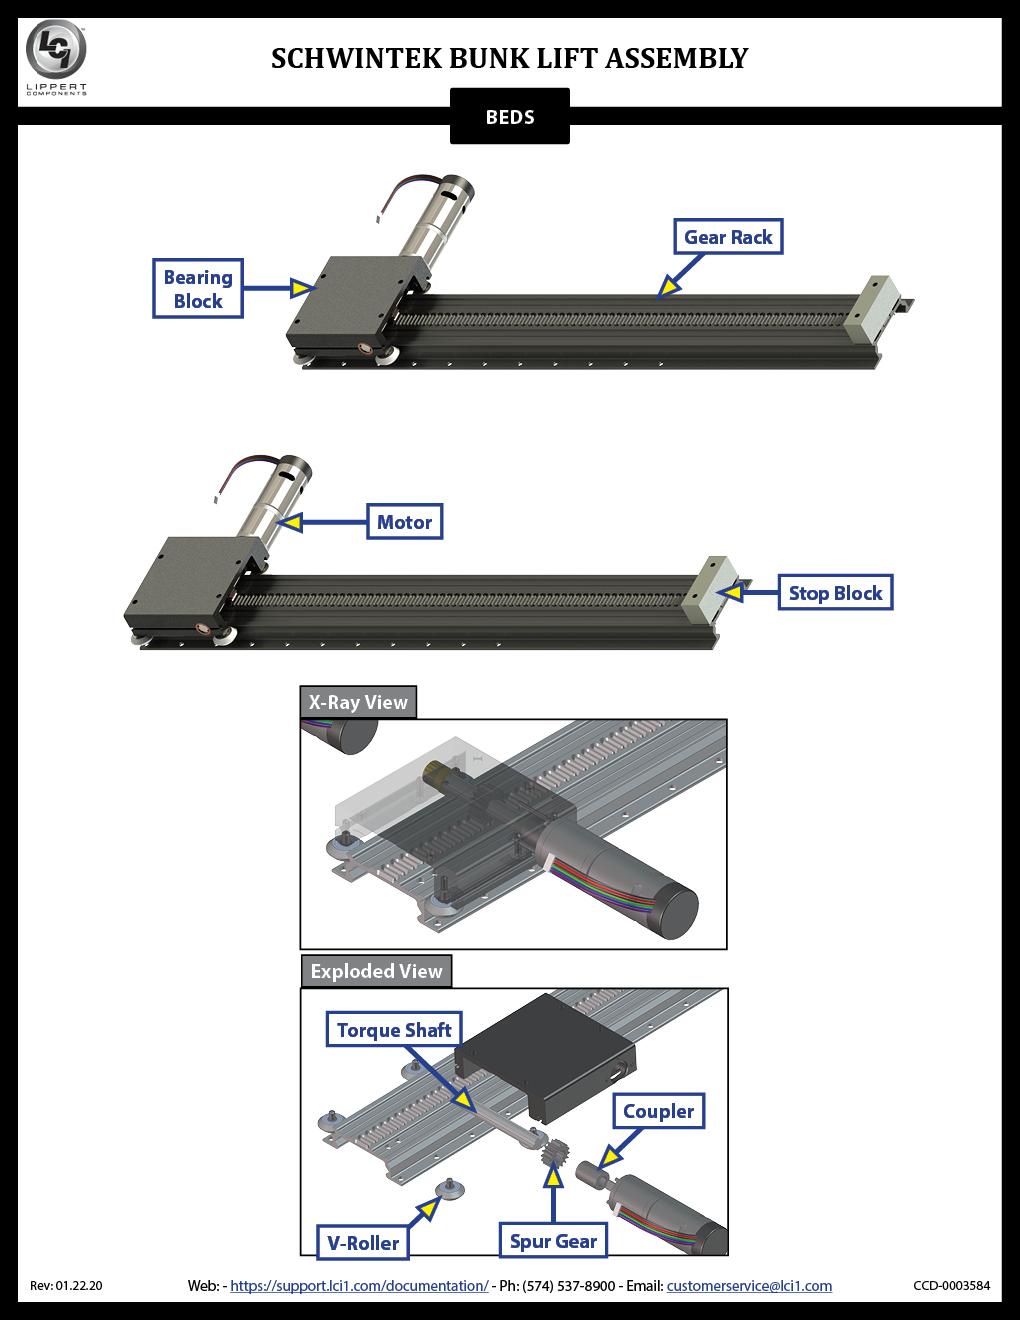 Schwintek Bunk Lift Assembly